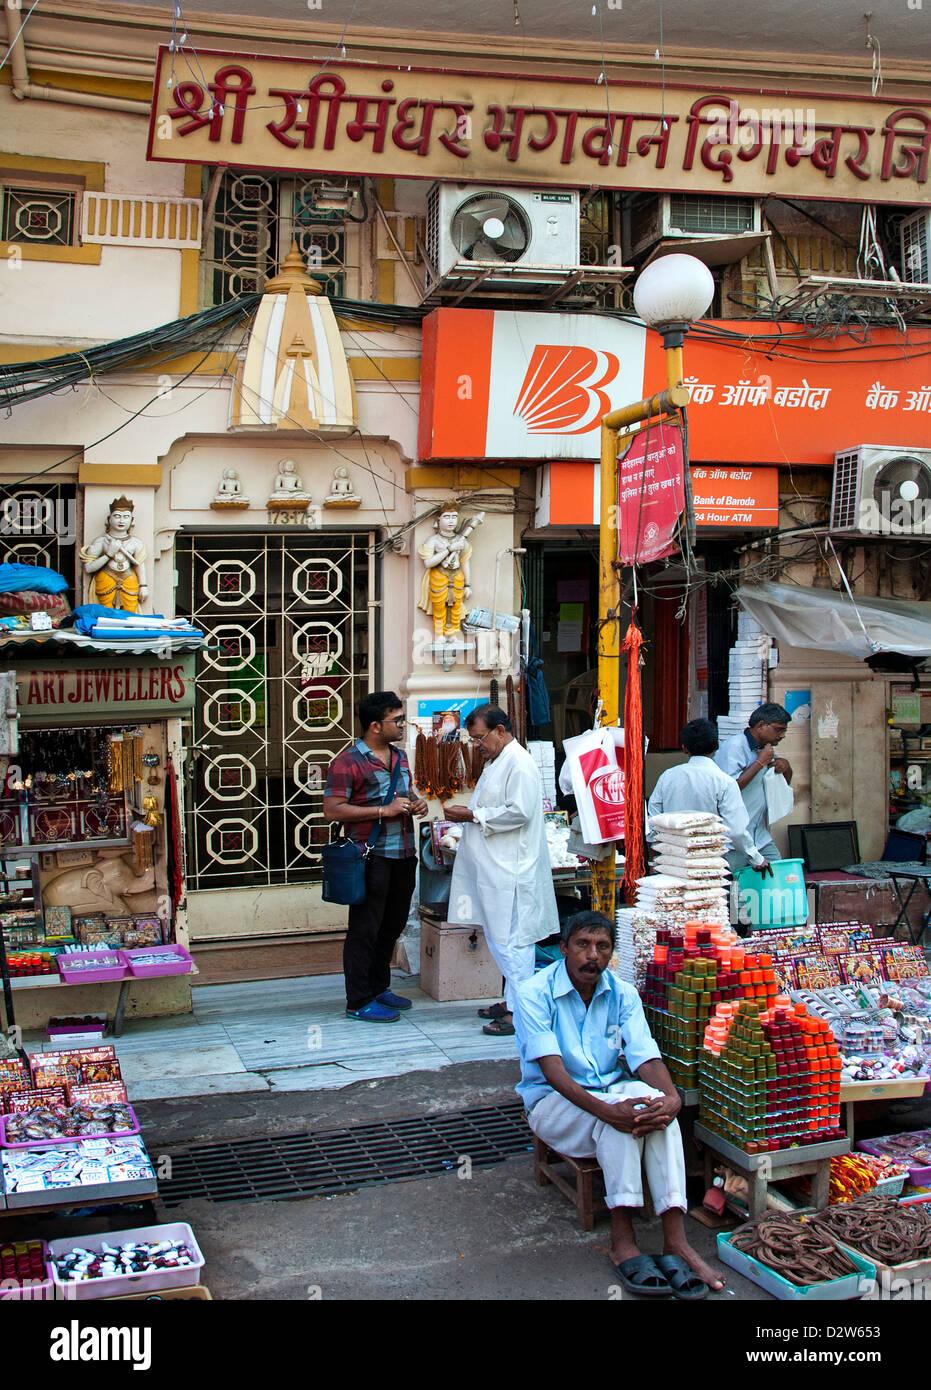 Mumbai ( Bombay ) India near Crawford Market - Stock Image